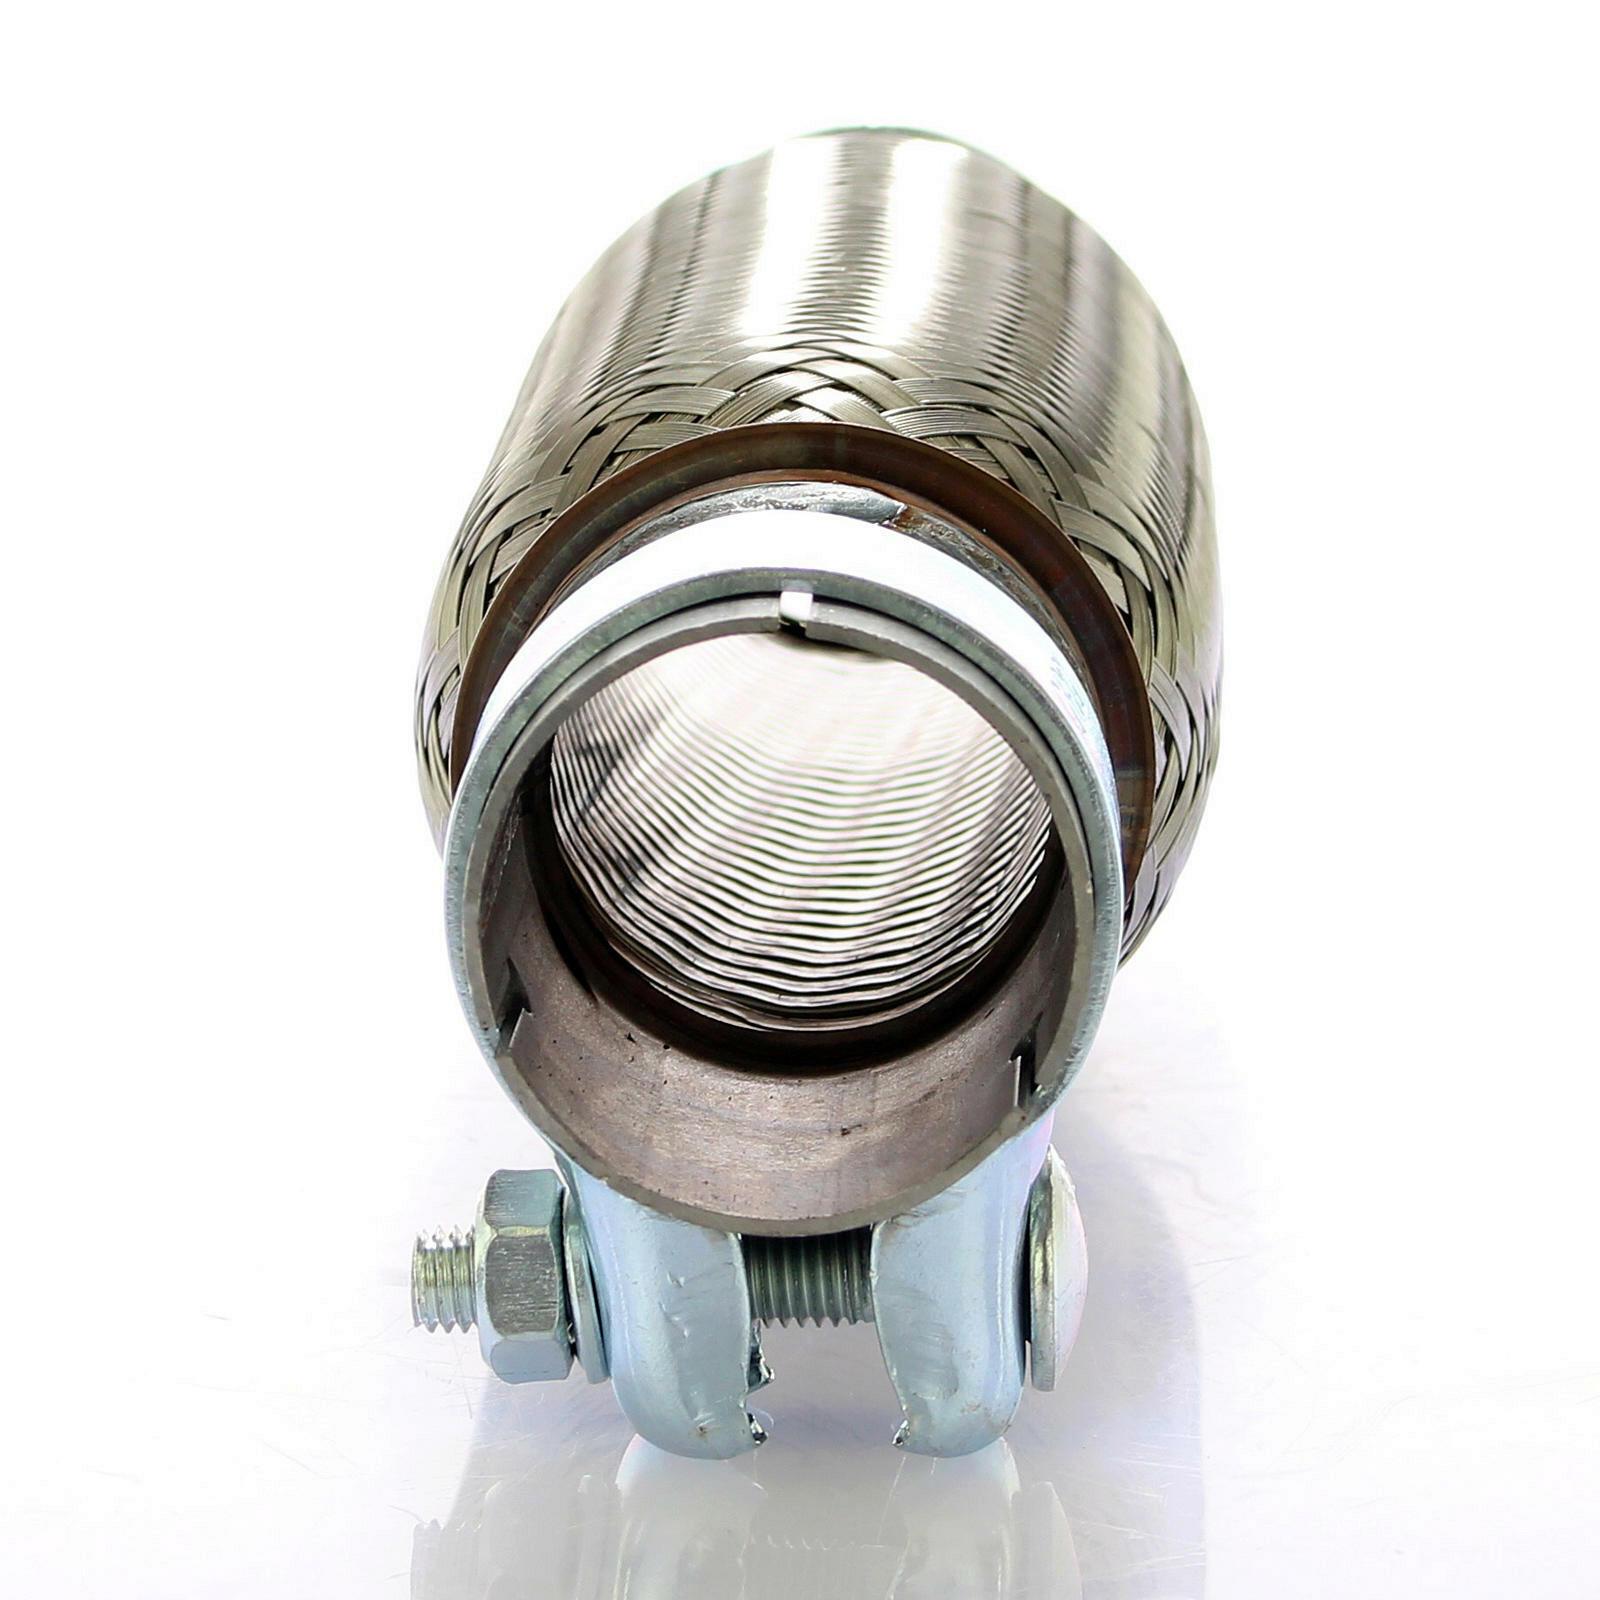 Flexrohr Set mit Bandschelle 50x200 mm